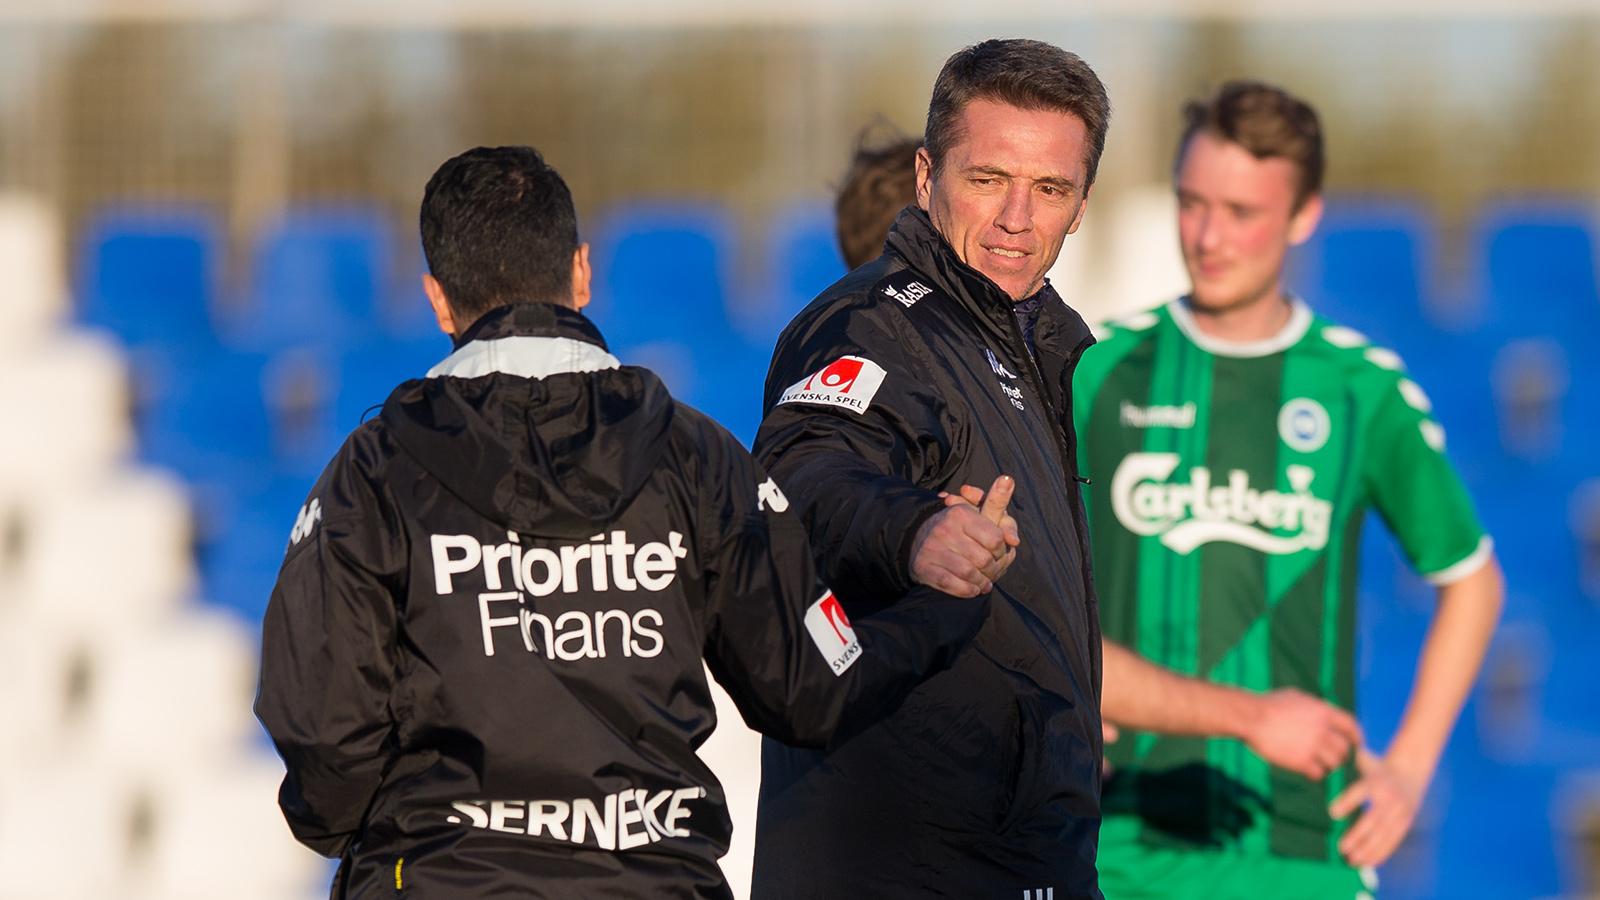 180203 IFK Göteborgs tränare Poya Asbaghi gratuleras av sportchef Mats Gren efter en träningsmatch i fotboll mellan IFK Göteborg och Odense den 3 februari 2018 i Pinatar Football Center.